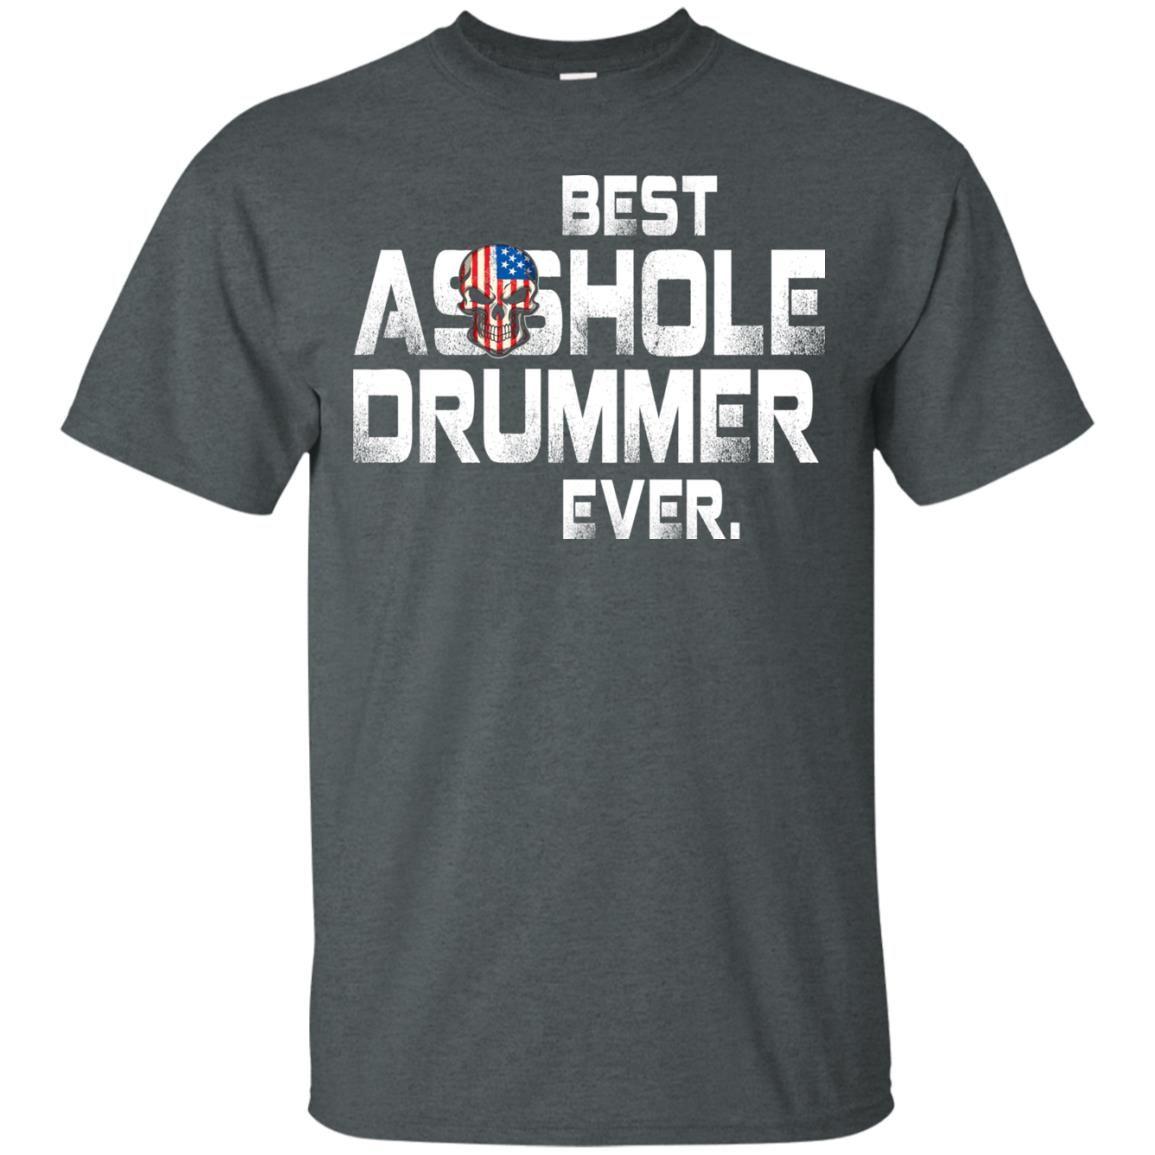 image 1637 - Best Asshole Drummer Ever shirt, sweater, tank top